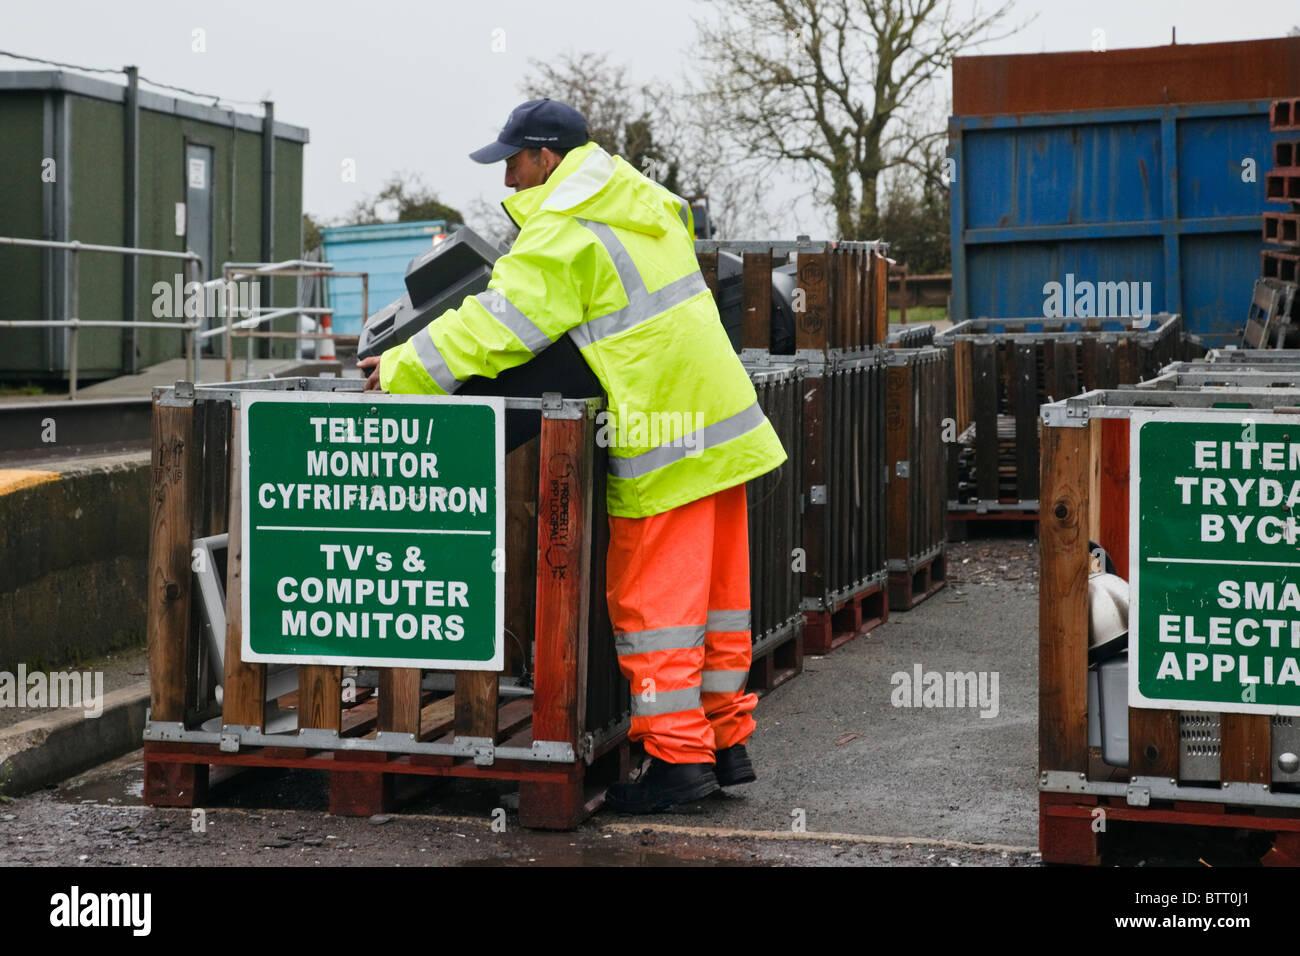 Workman disponendo di un vecchio televisore nel contenitore al consiglio di rifiutare sito per rifiuti domestici. Immagini Stock